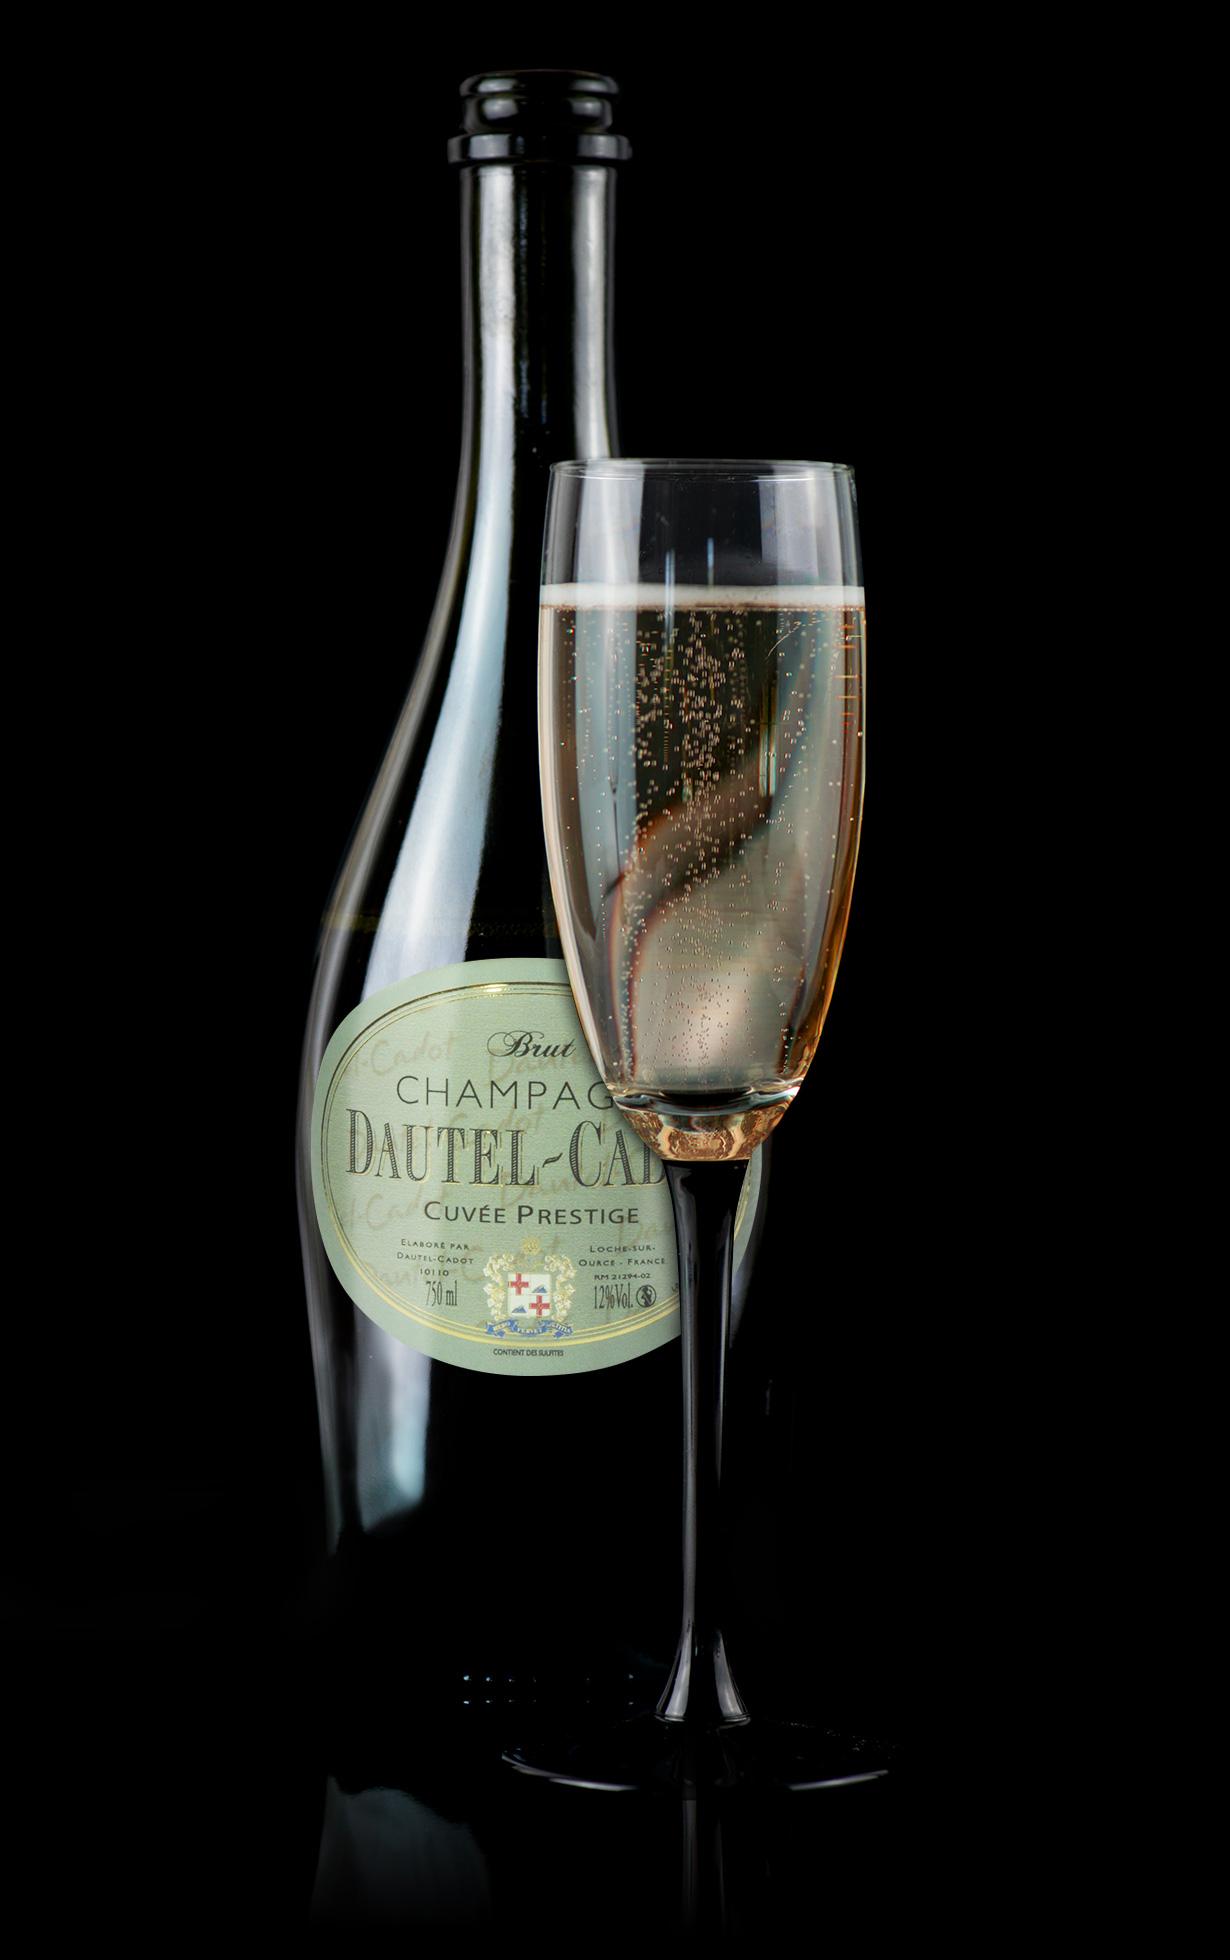 champagne-dautel-cadot-visuel-bandeau